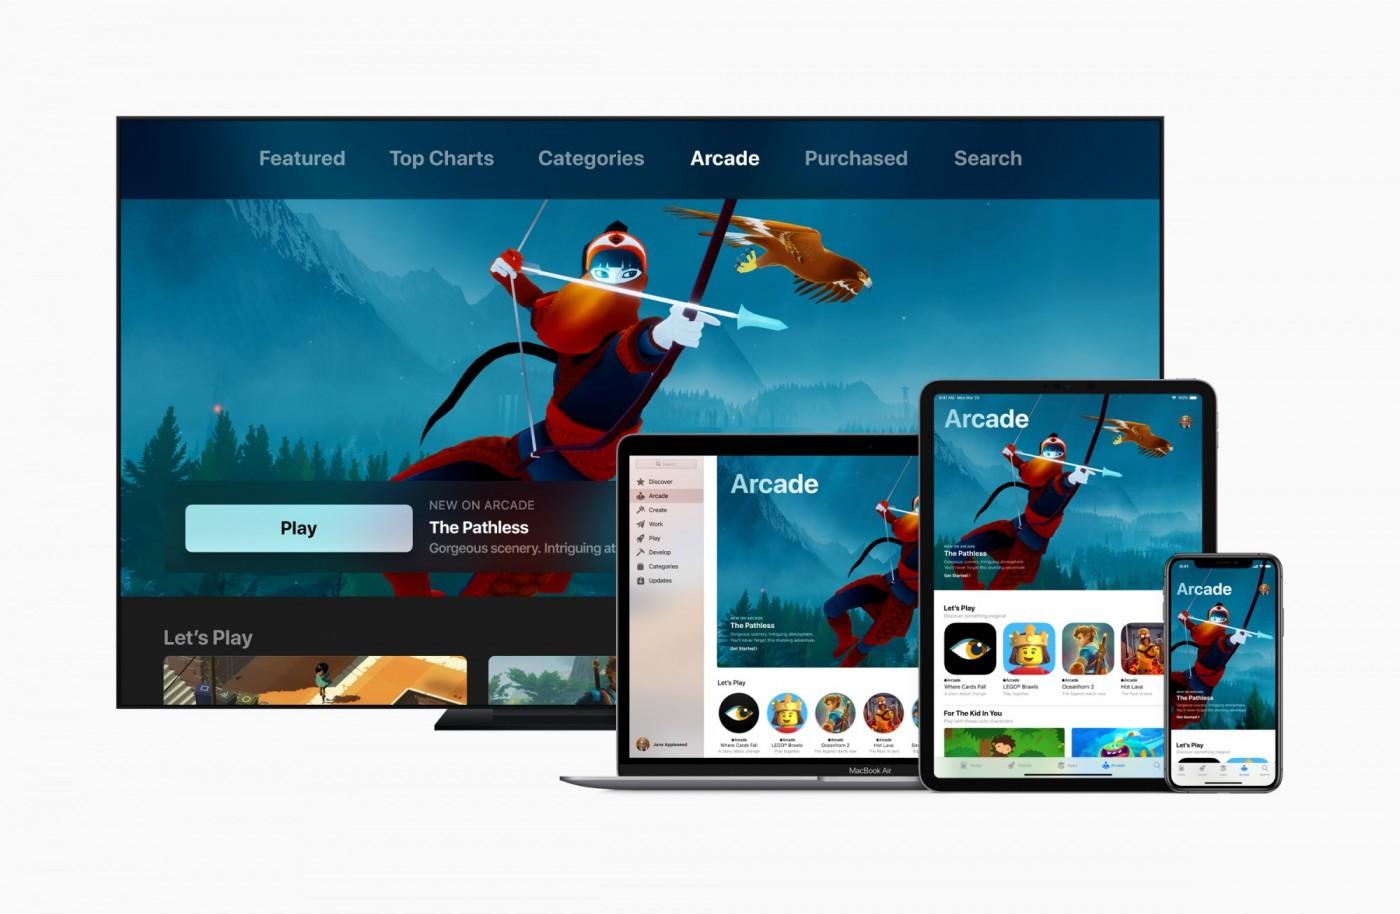 蘋果、Google遊戲訂閱服務將登場,電競硬體的末日到了嗎?